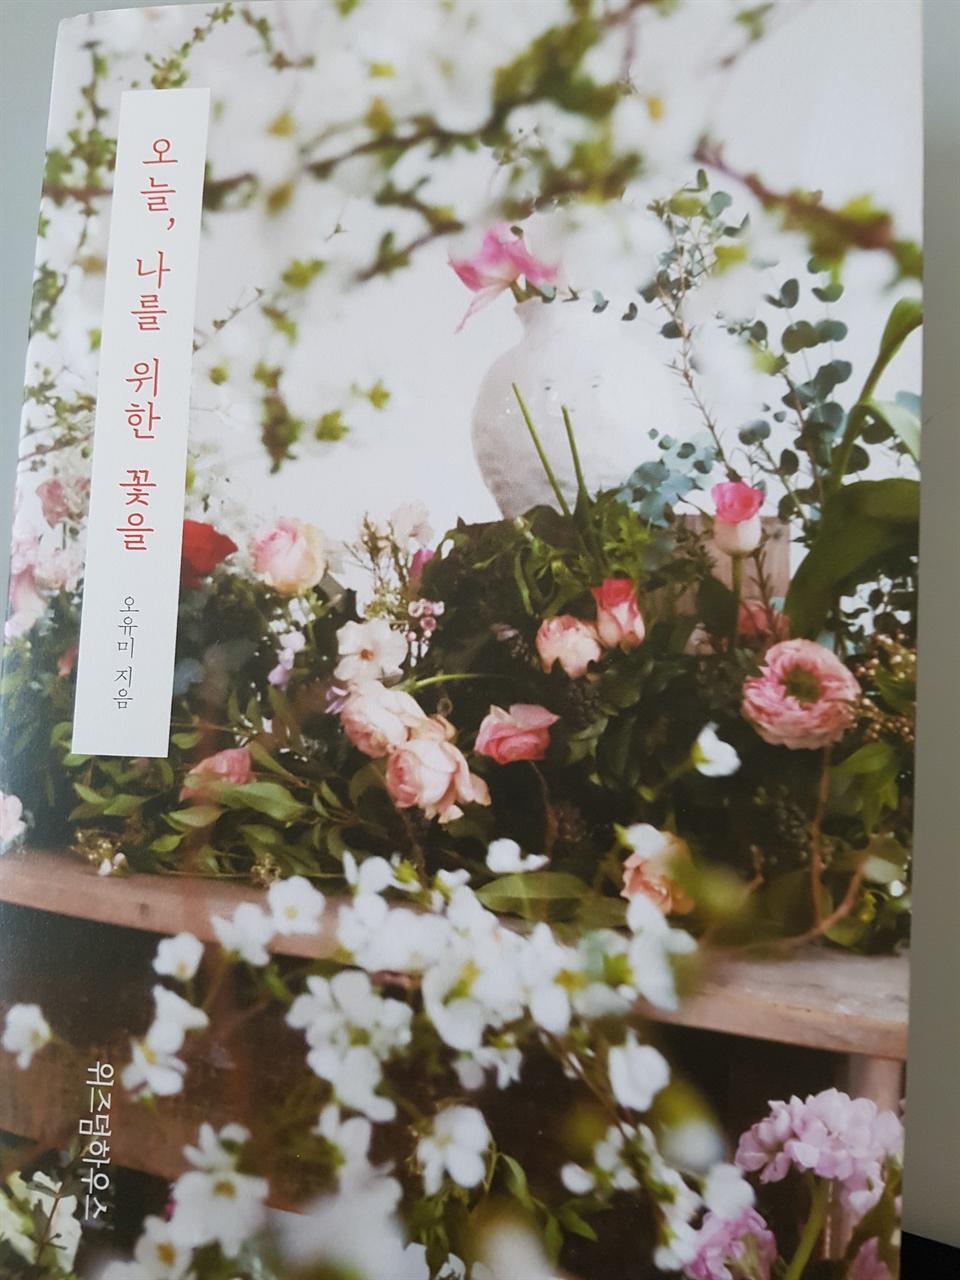 오늘, 나를 위한 꽃을 책 표지